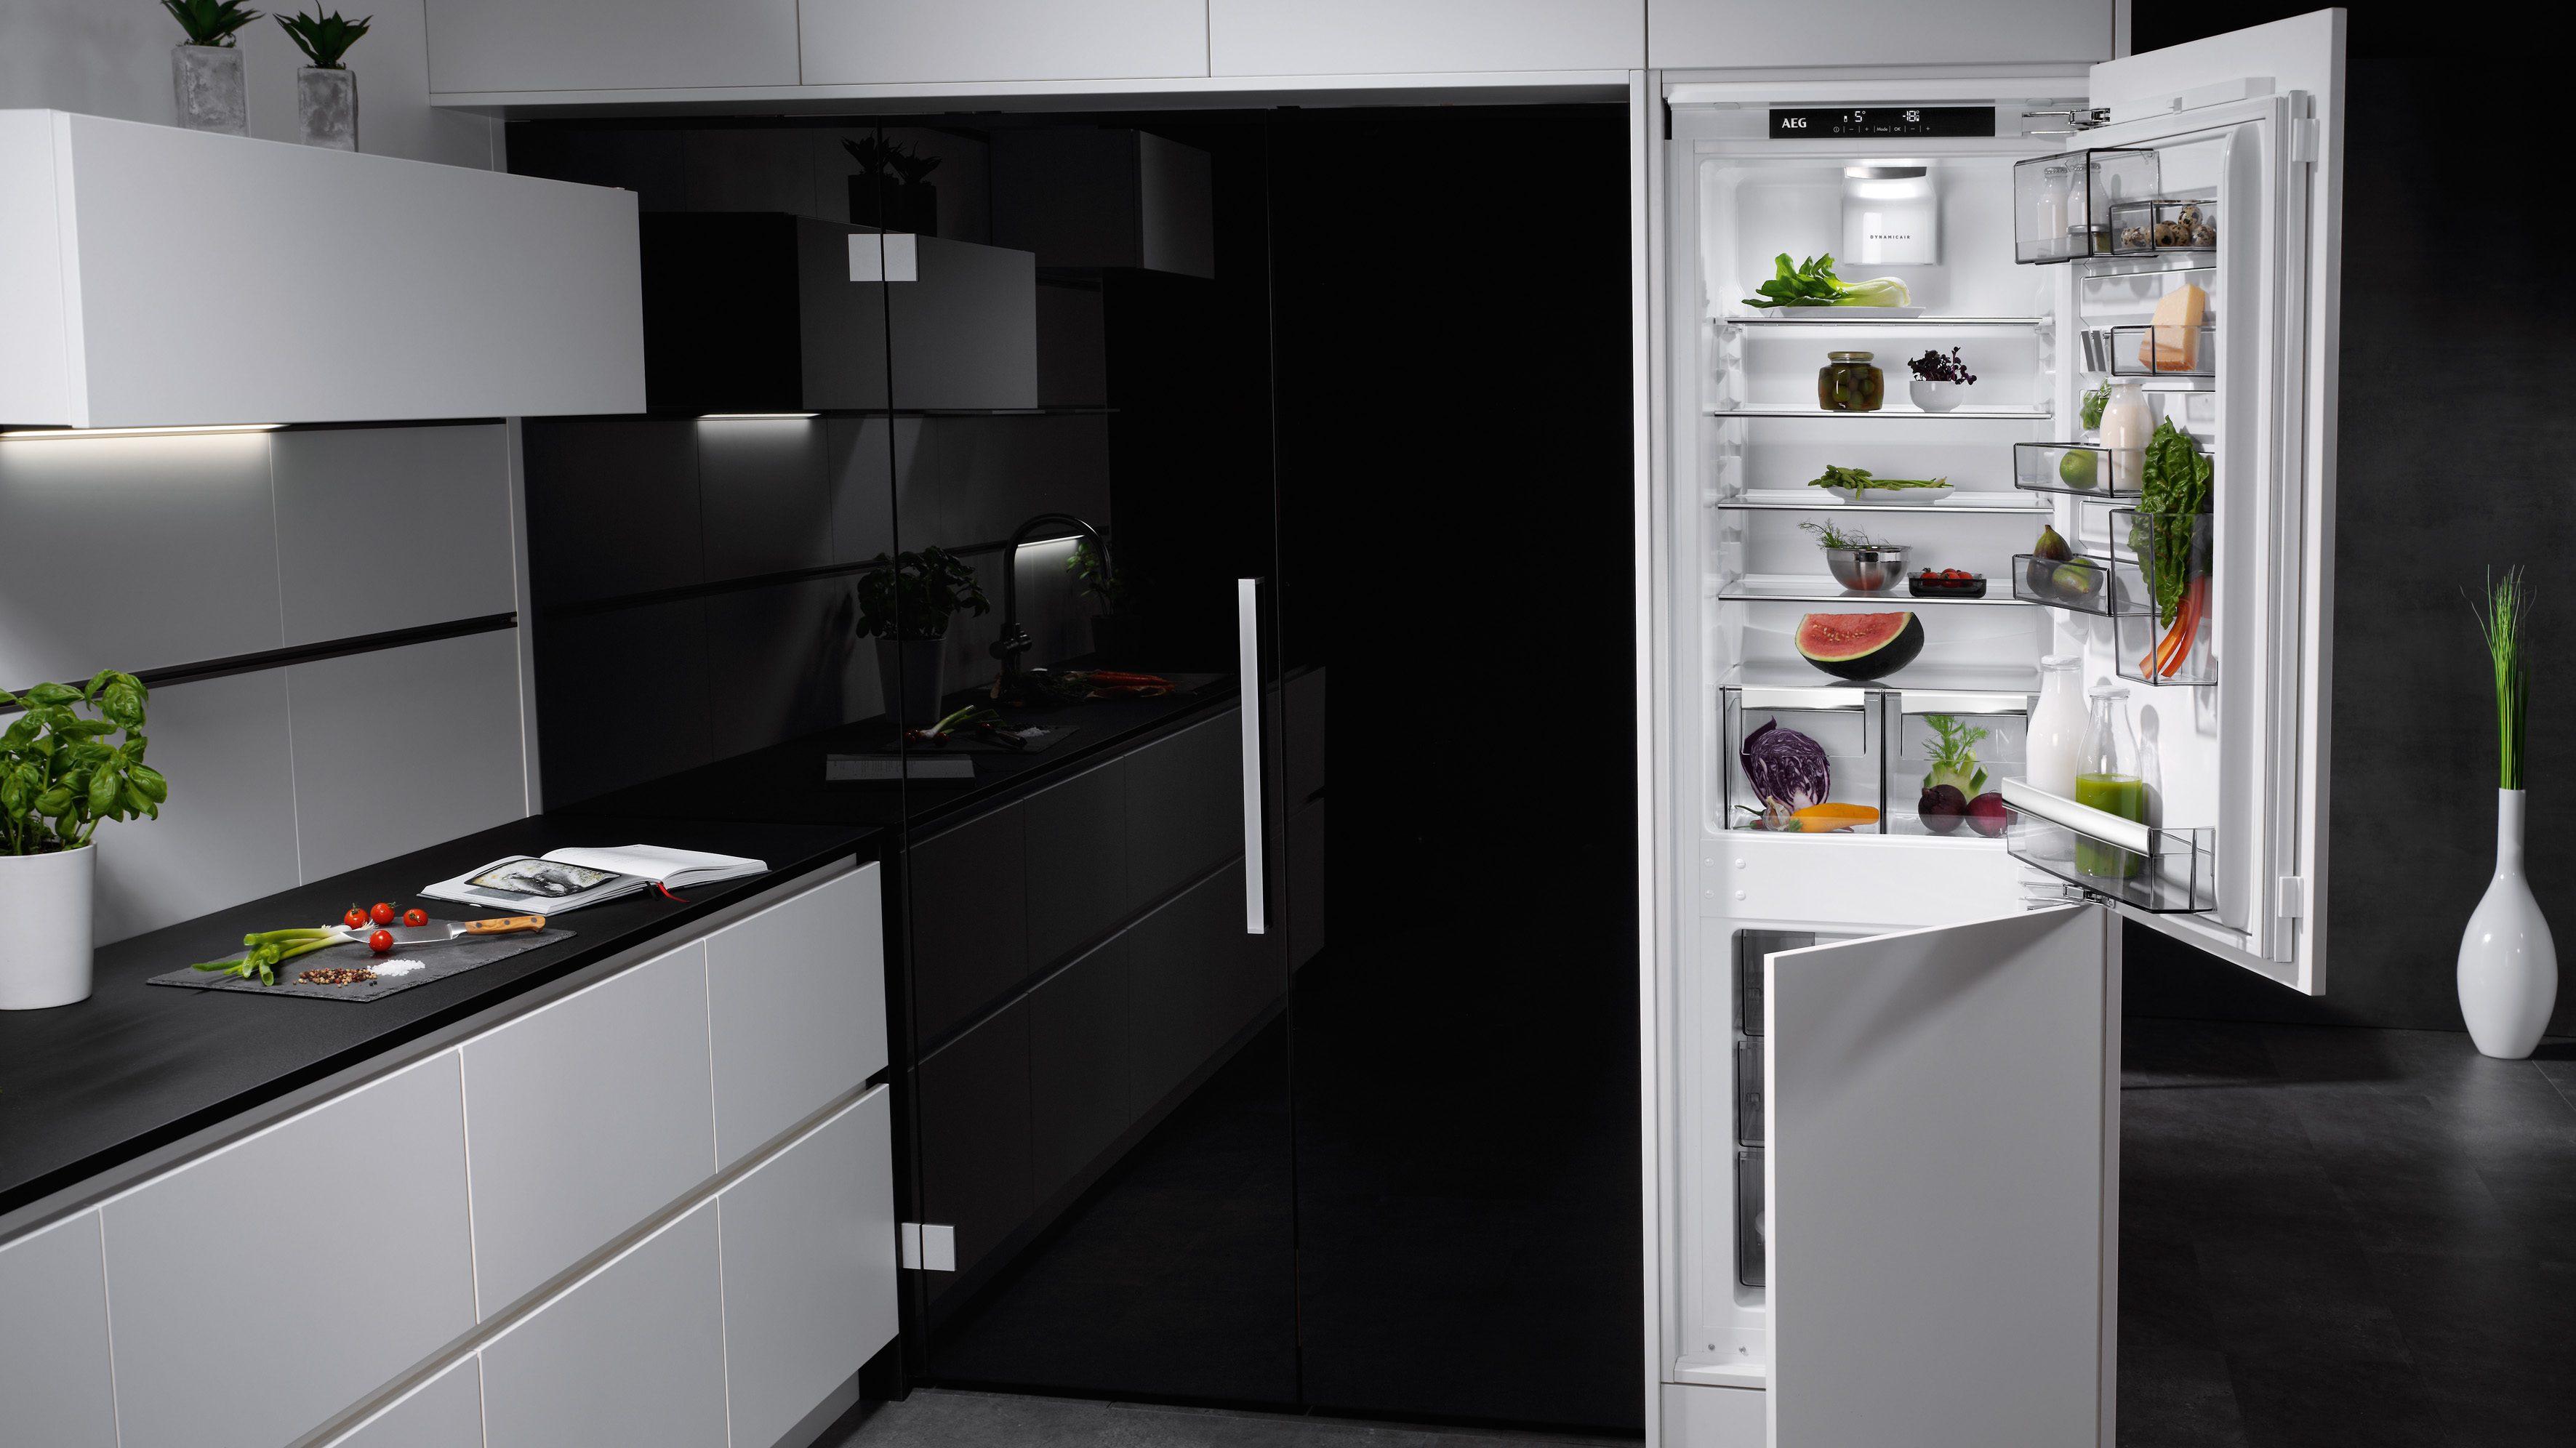 Aeg Kühlschrank Verdampferschale : Bosch kühlschrank ventilator reinigen: elektronik ausbauen